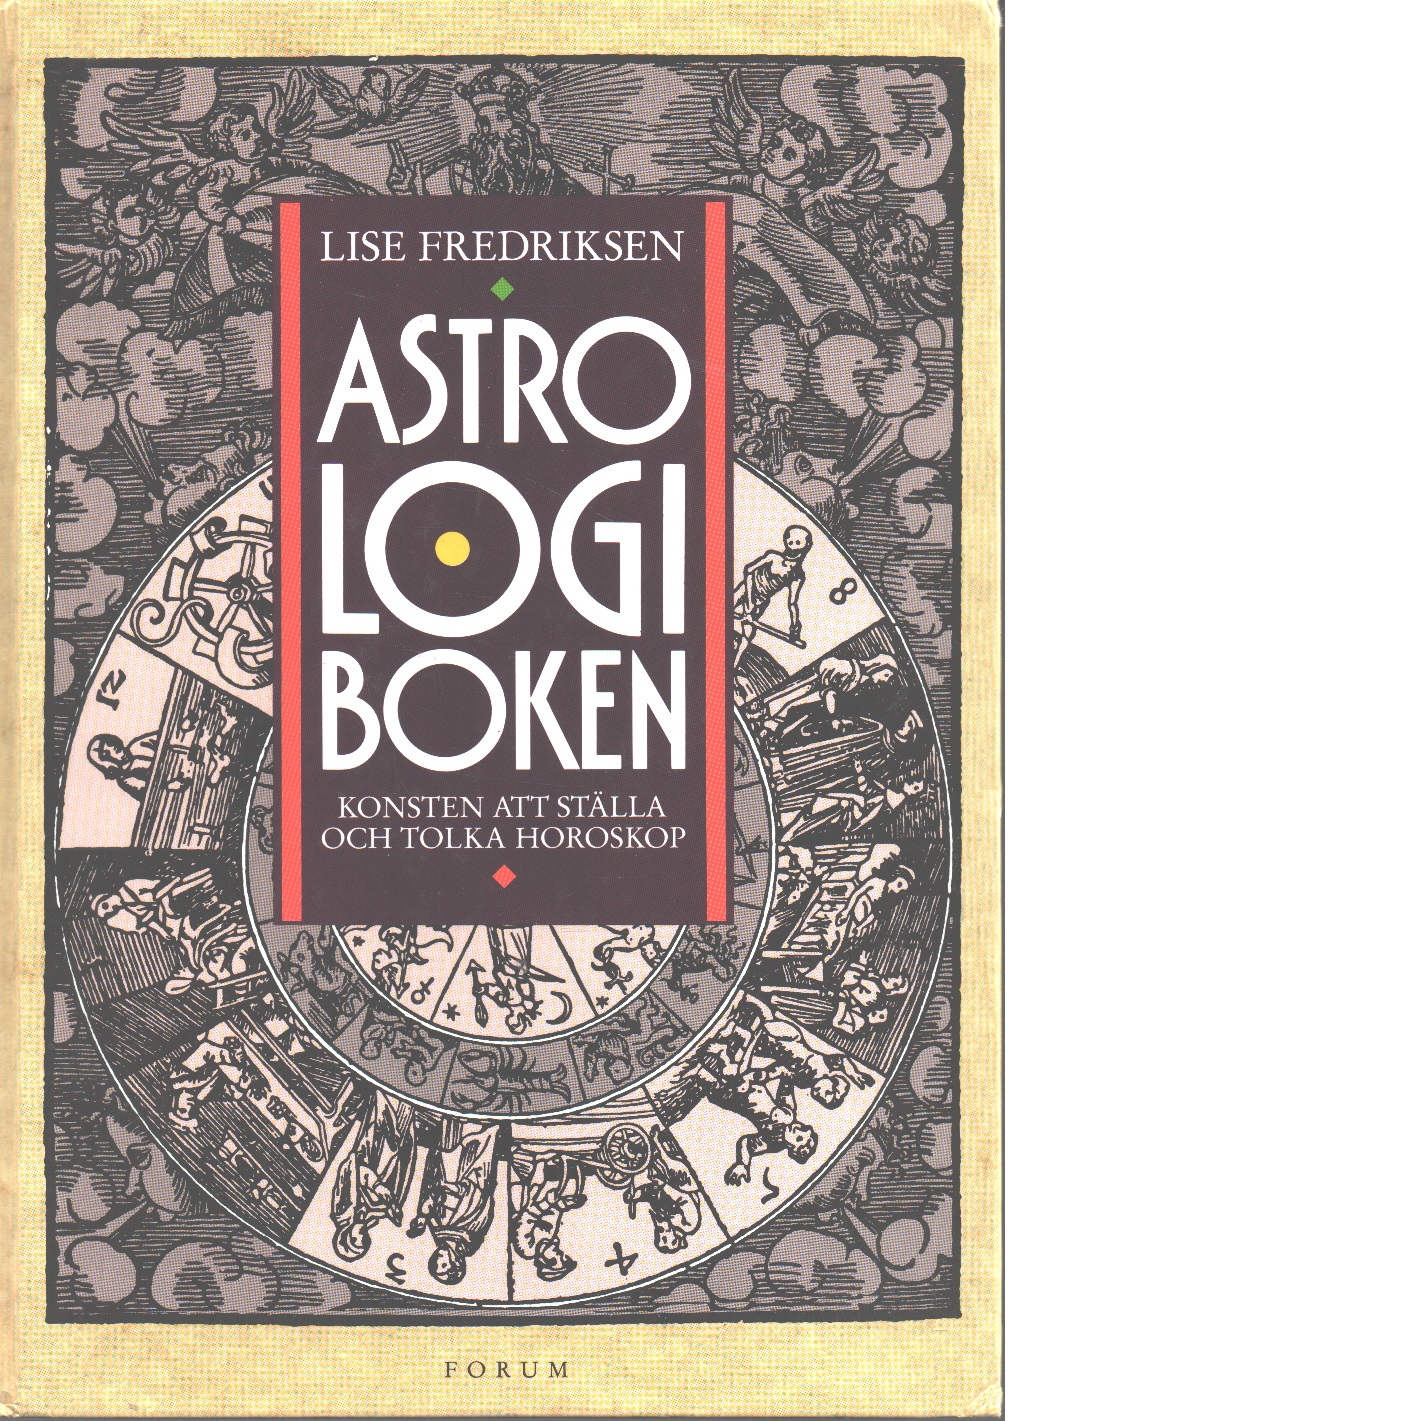 Astrologiboken : [konsten att ställa och tolka horoskop] - Fredriksen, Lise